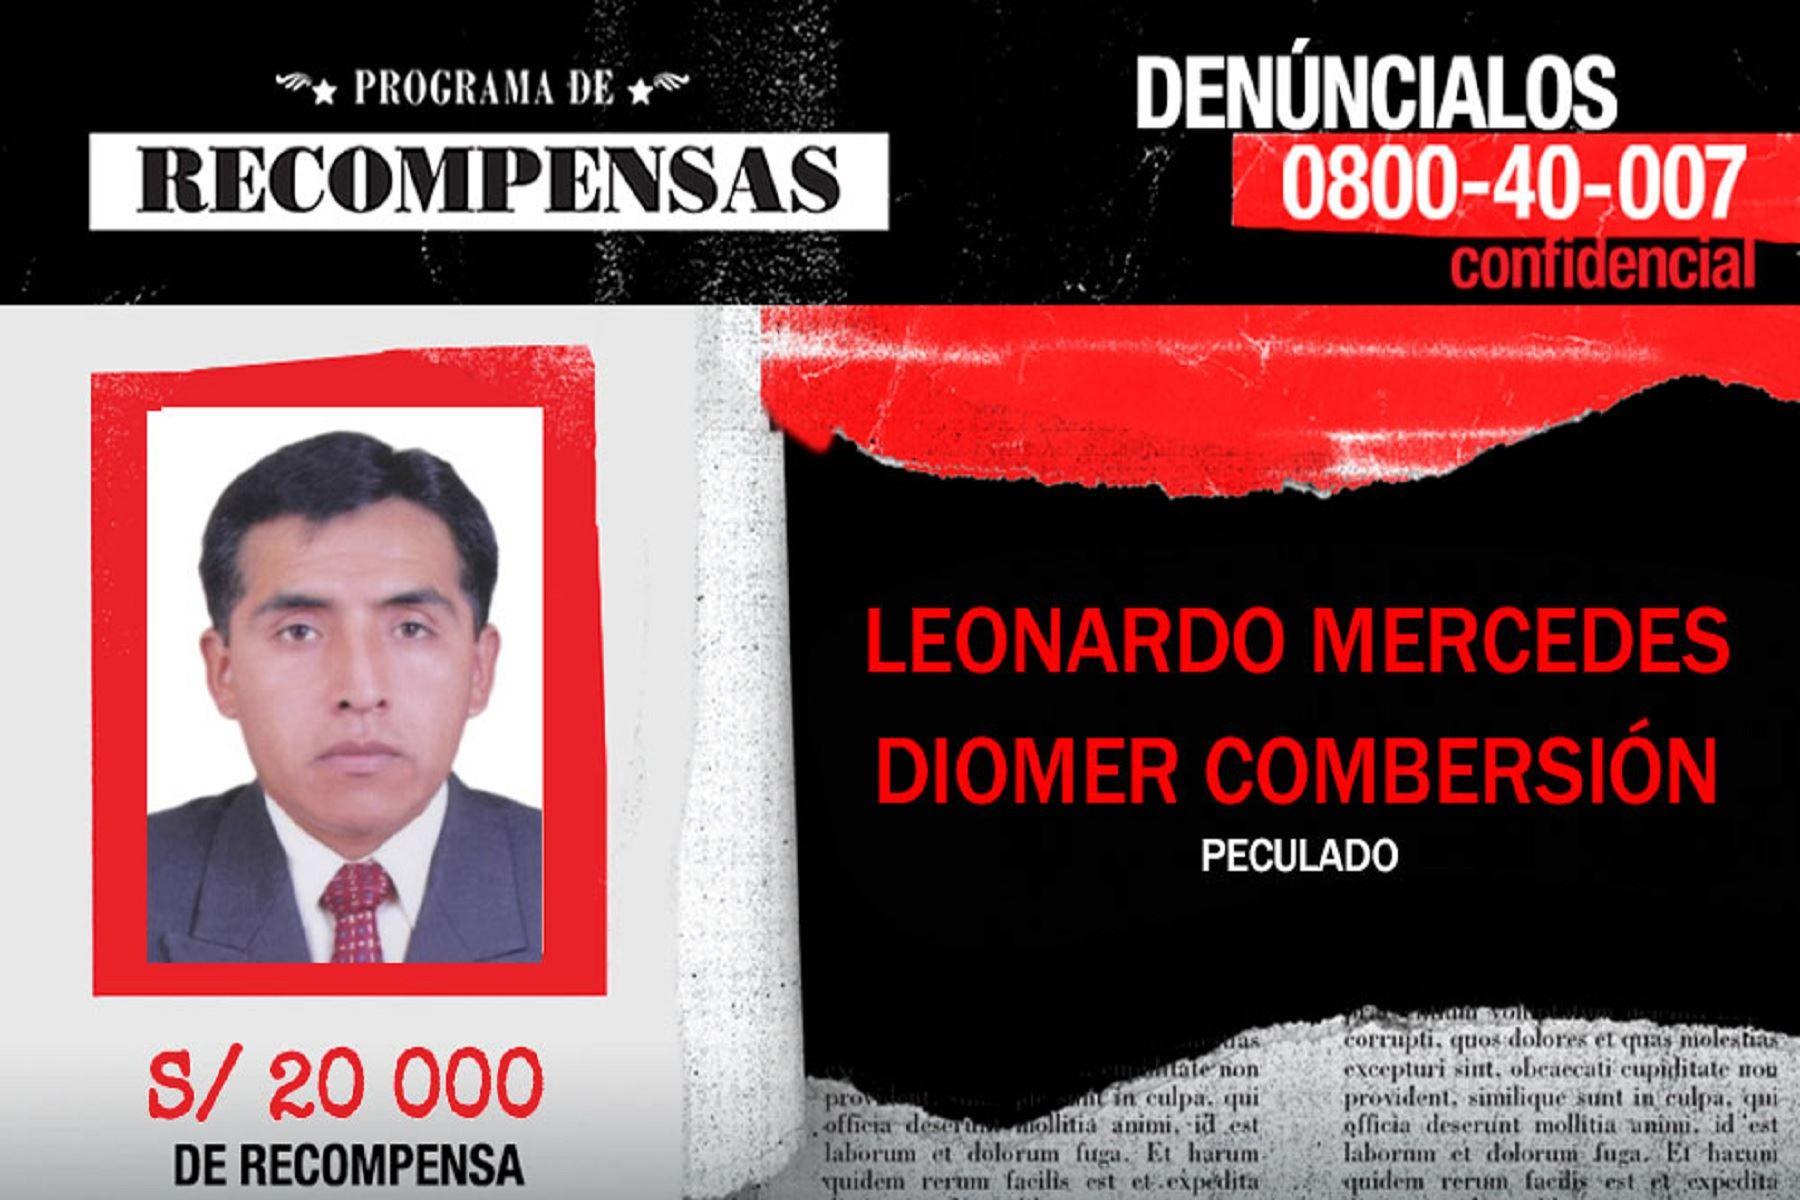 Capturado alcalde del distrito ancashino de San Cristóbal de Raján, en la provincia de Ocros, Diomer Leonardo Mercedes, requisitoriado por el delito de peculado, había sido incluido en el Programa de Recompensas.